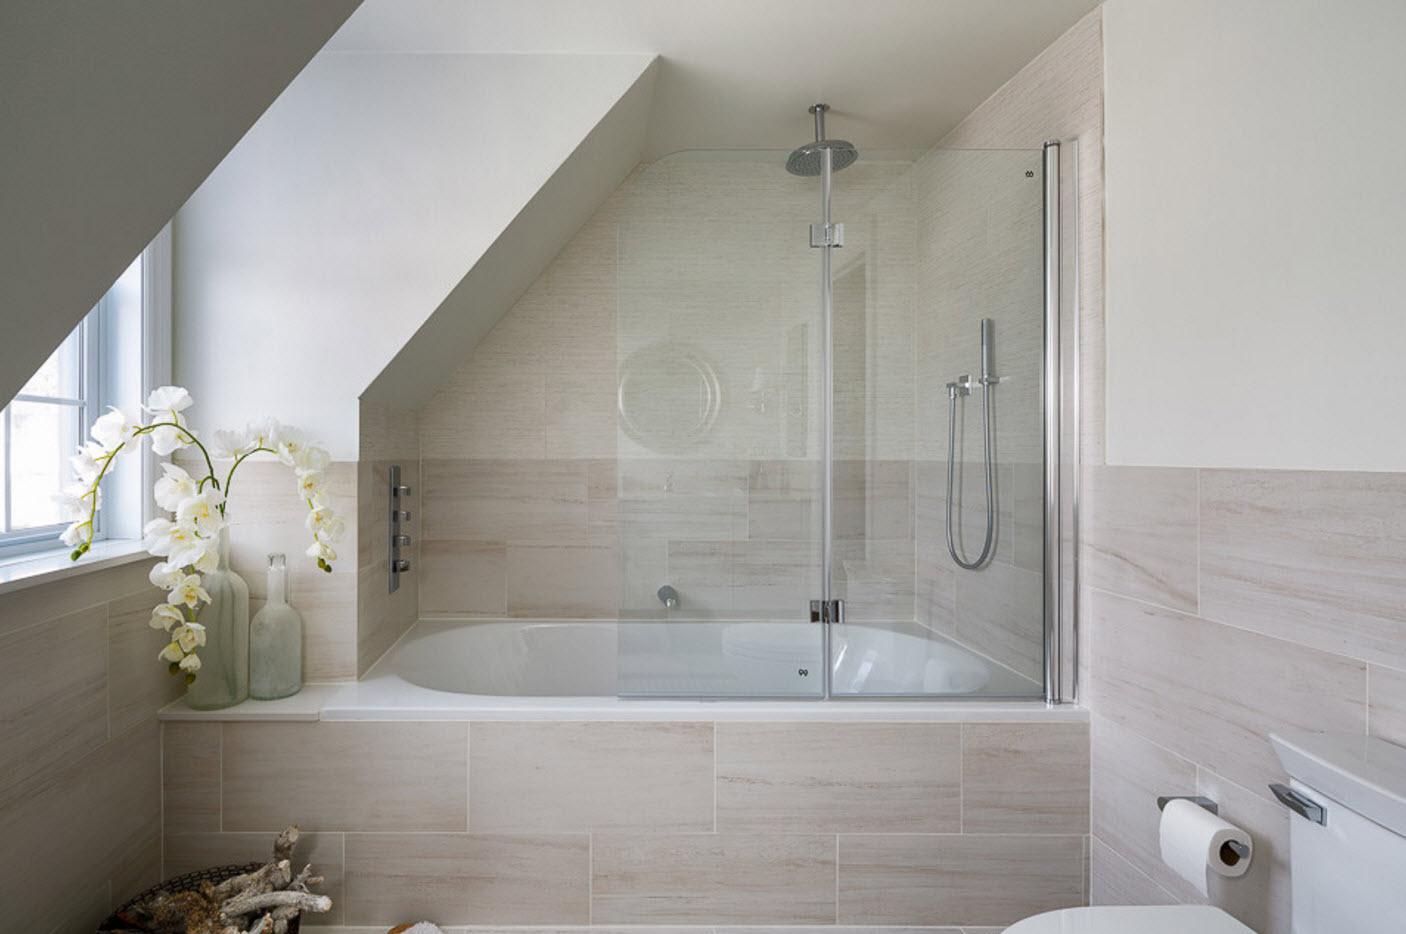 Дизайн ванной маленькой комнаты - 80 фото идей 2018 1